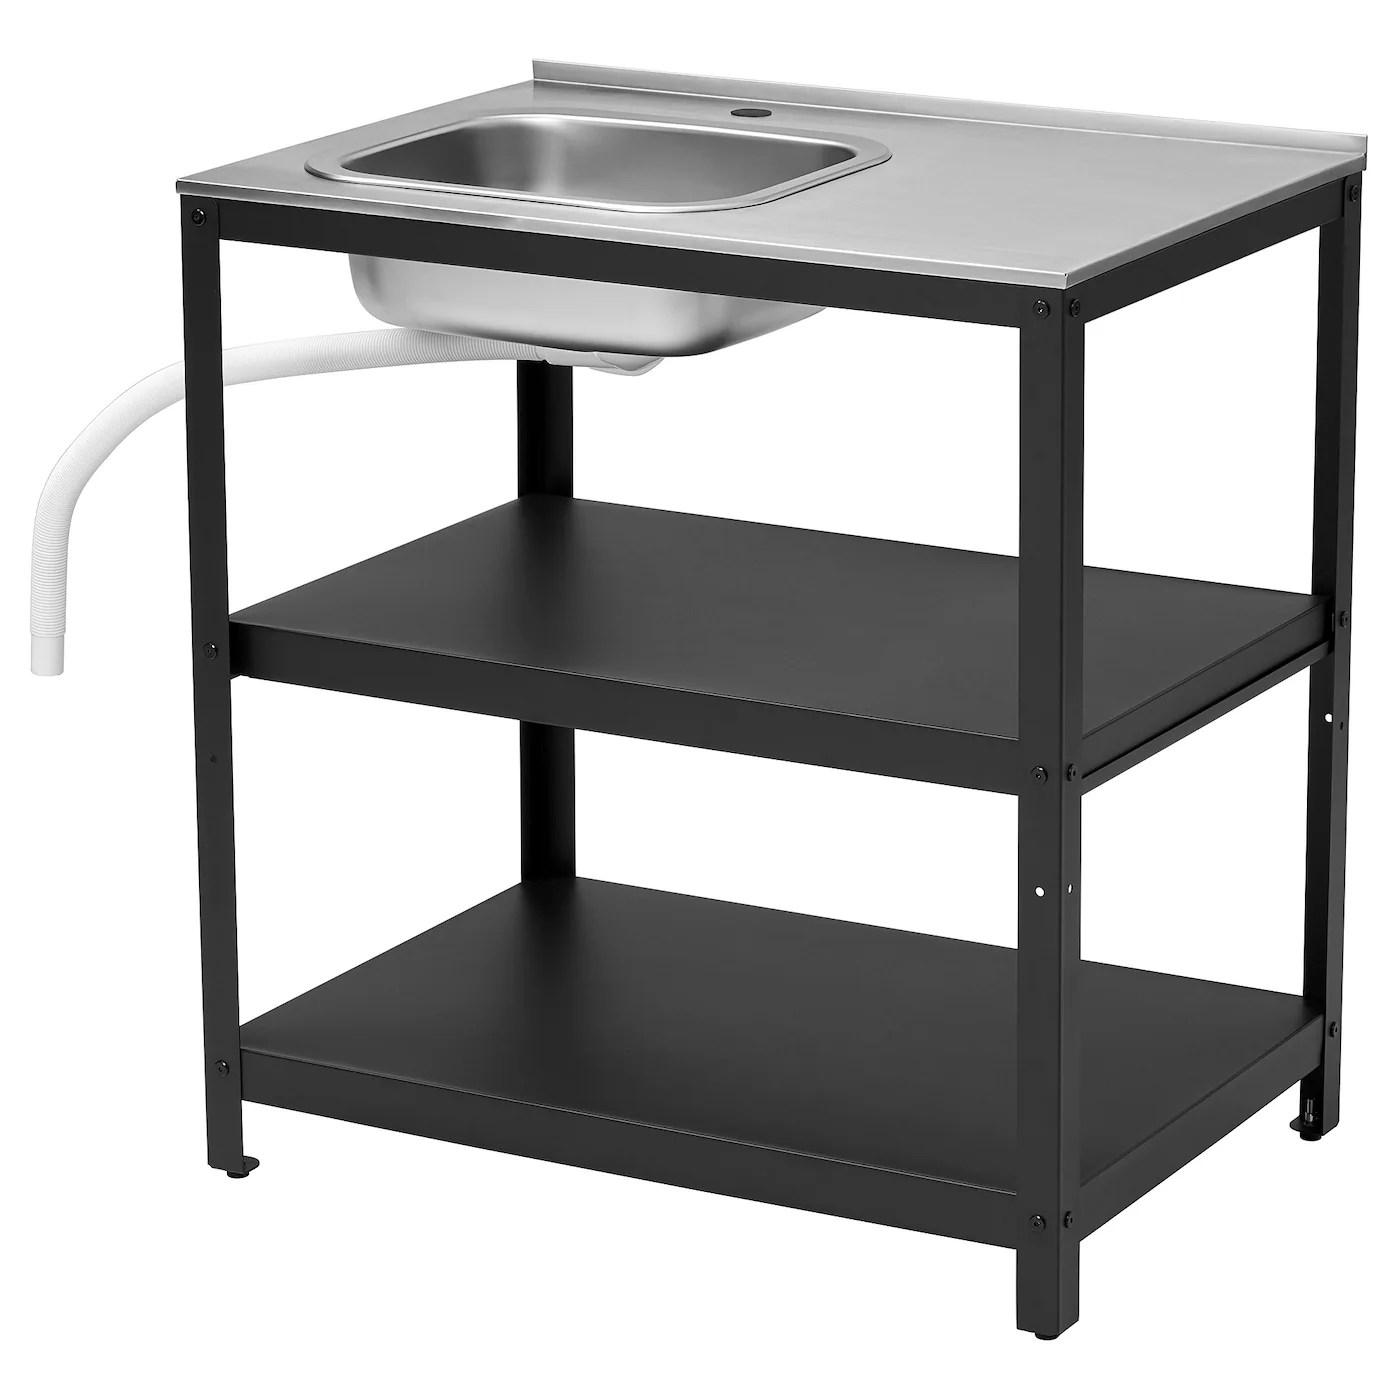 Trova tutte le sedute, i tavoli e i contenitori di cui hai bisogno per portare il comfort anche all'. Grillskar Serie Cucine Esterne E Barbecue Ikea It